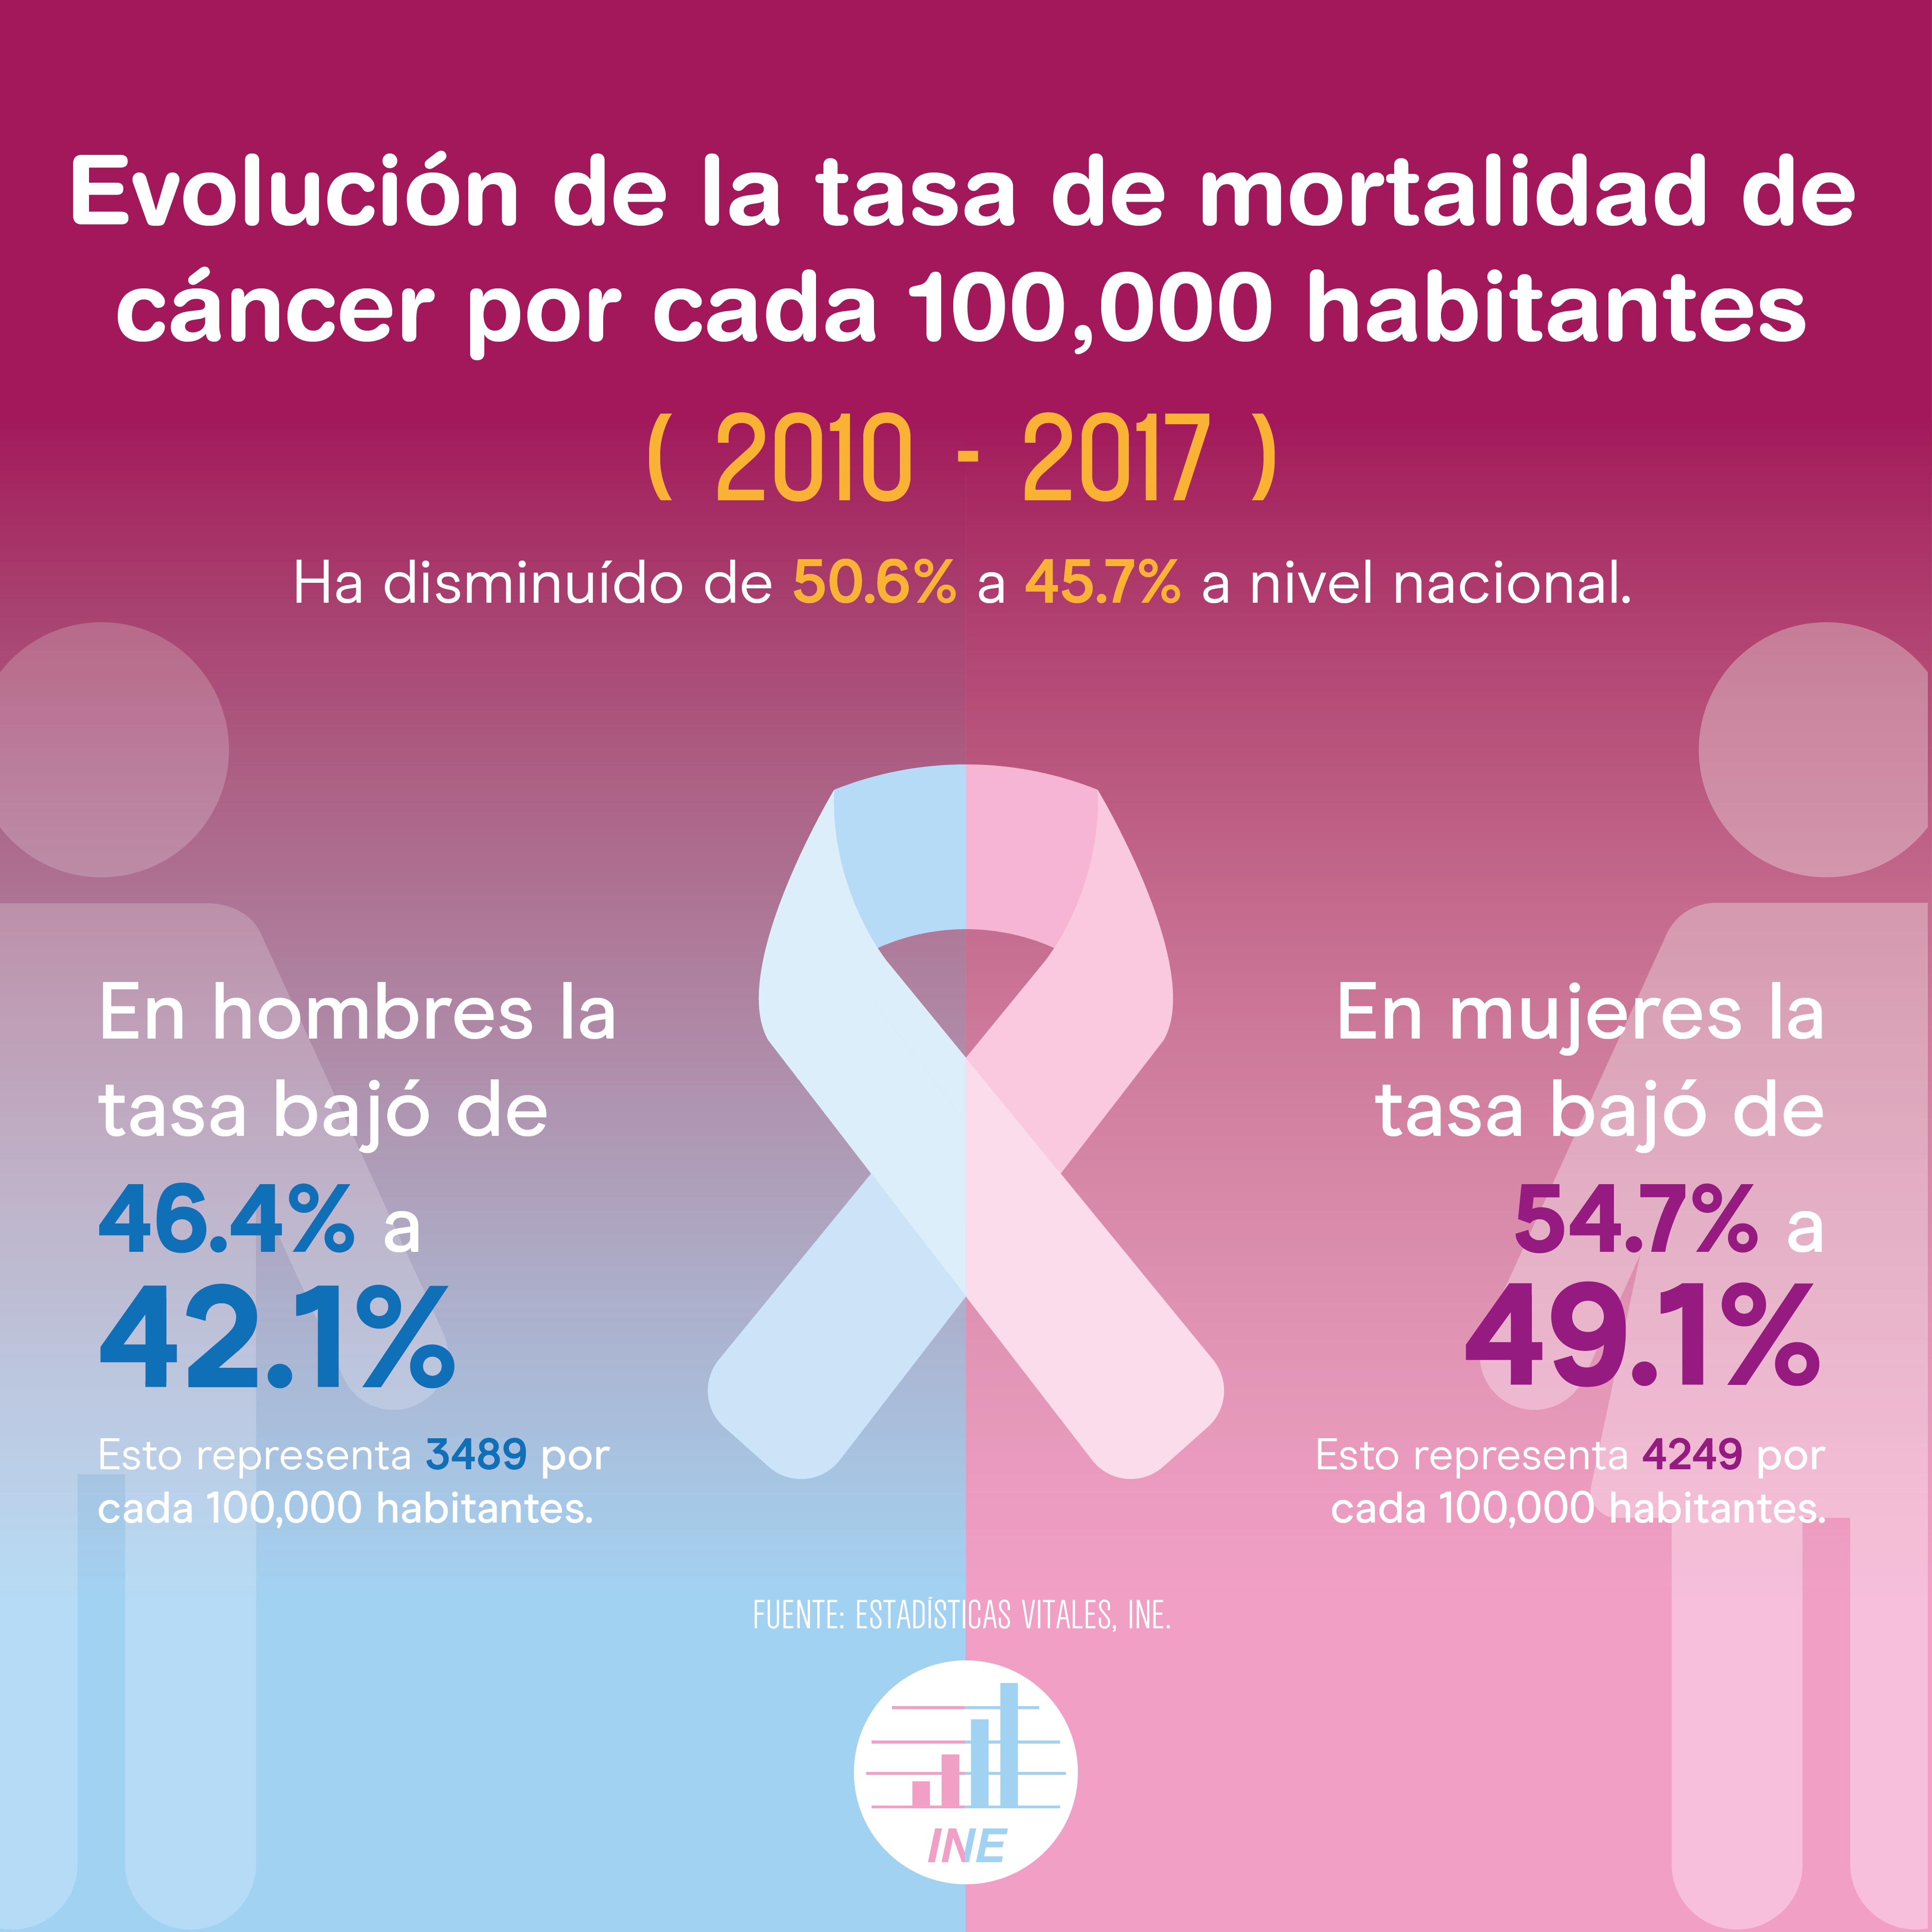 Tasa de mortalidad de cancer por año